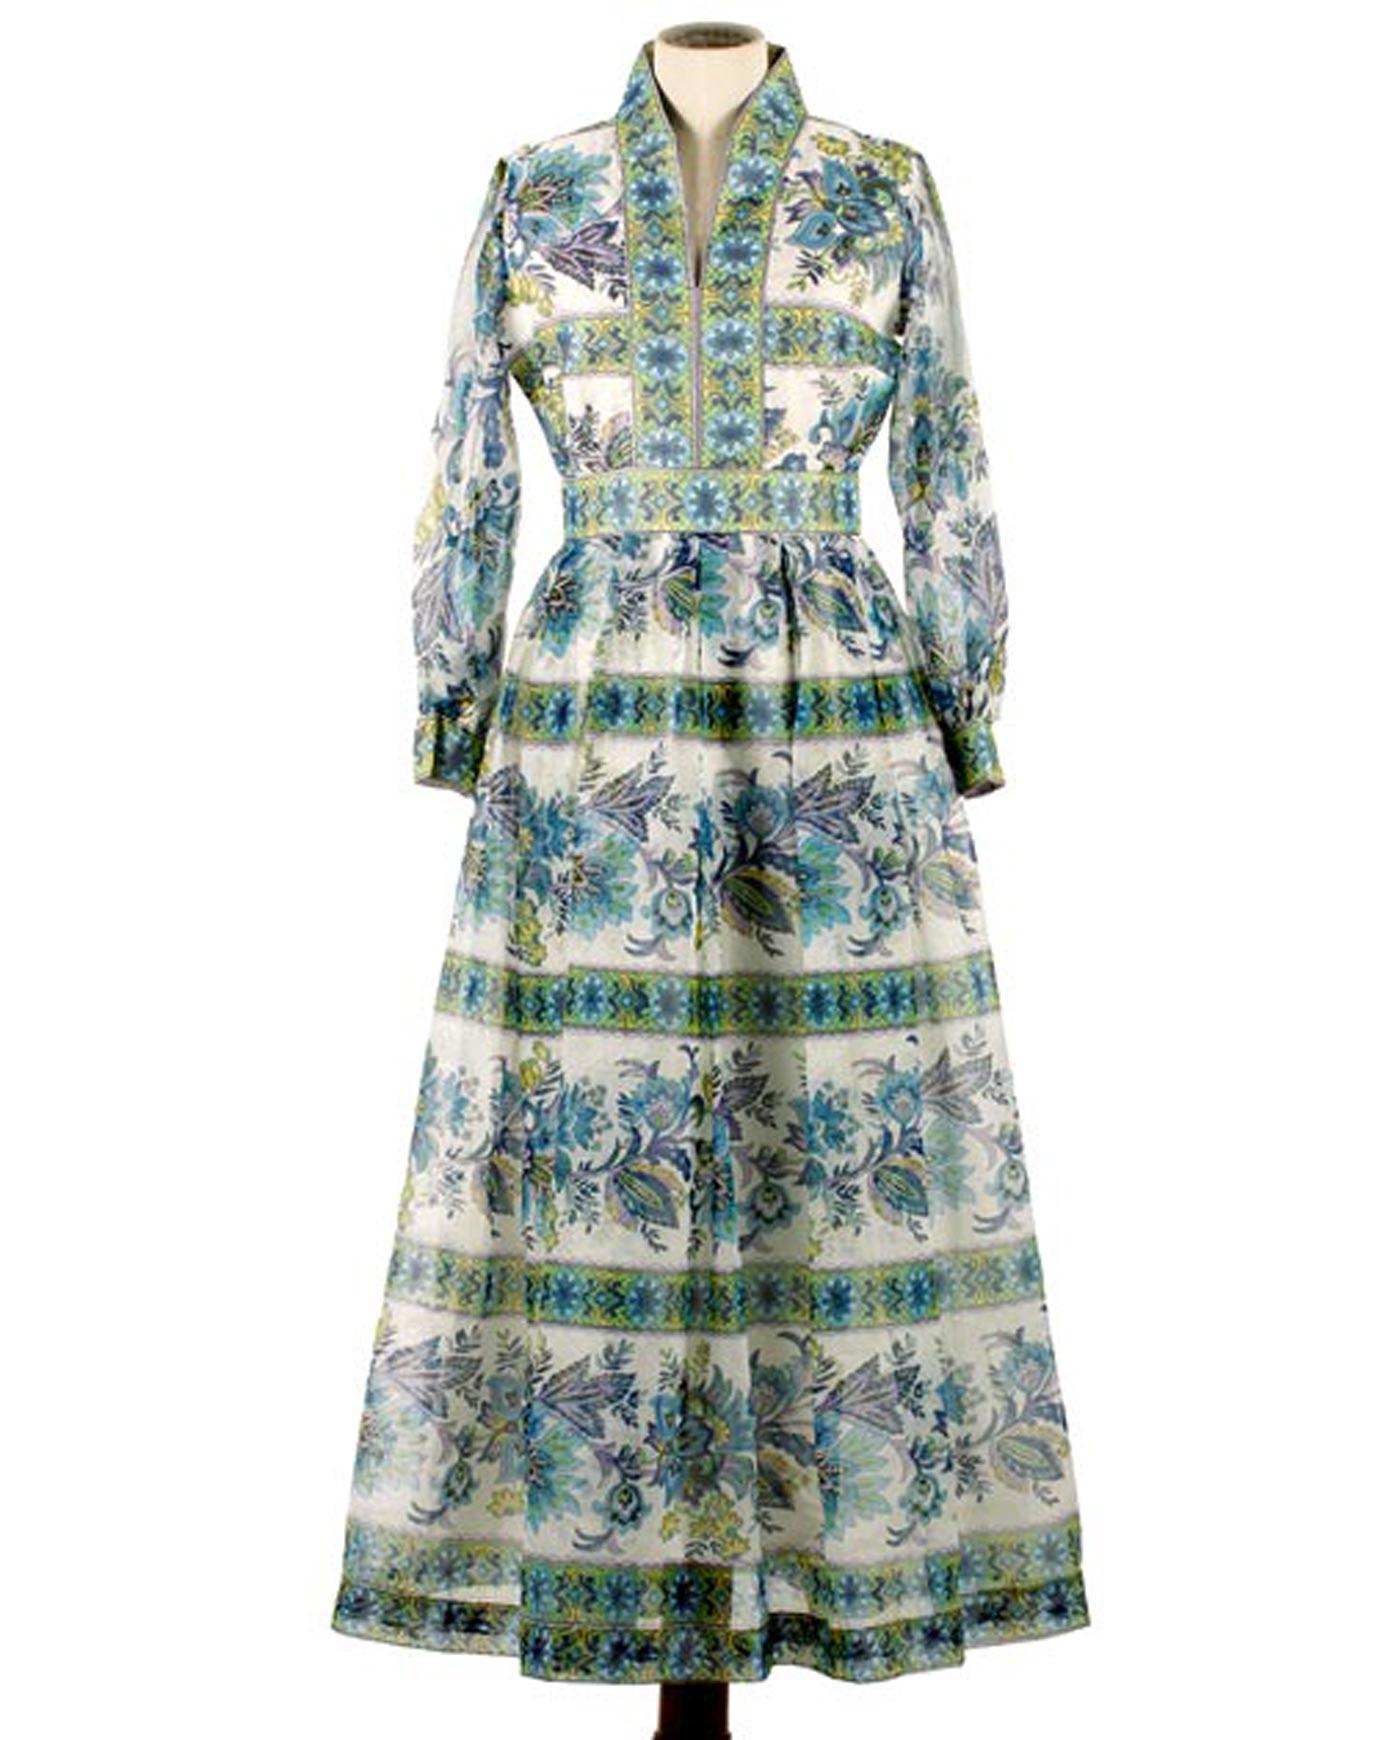 AVALON dress 60s